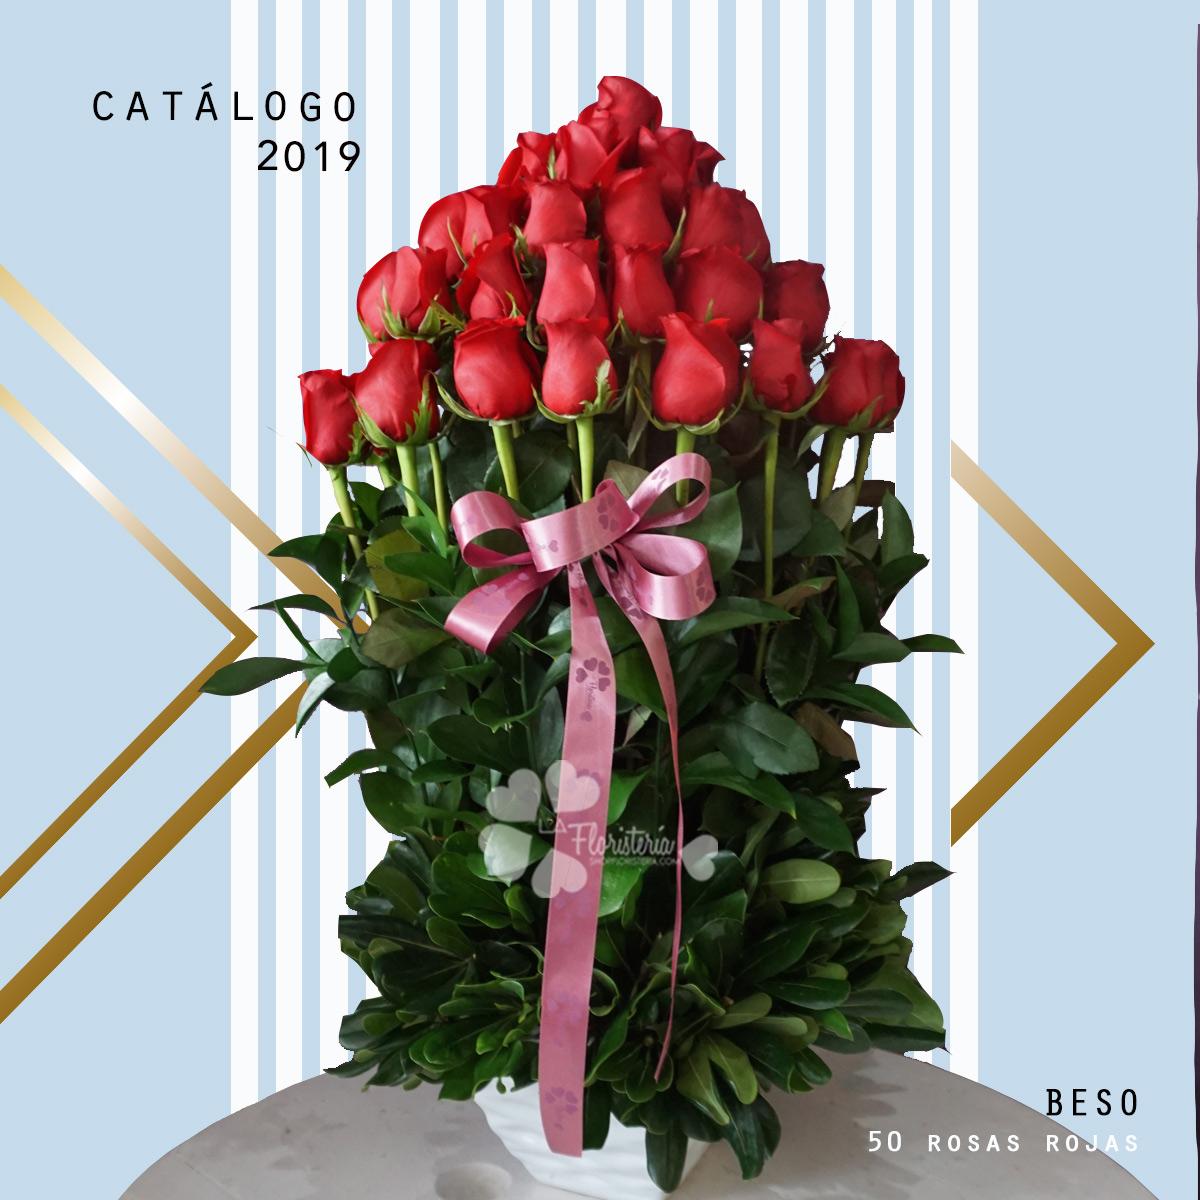 An arrangement of 50 roses